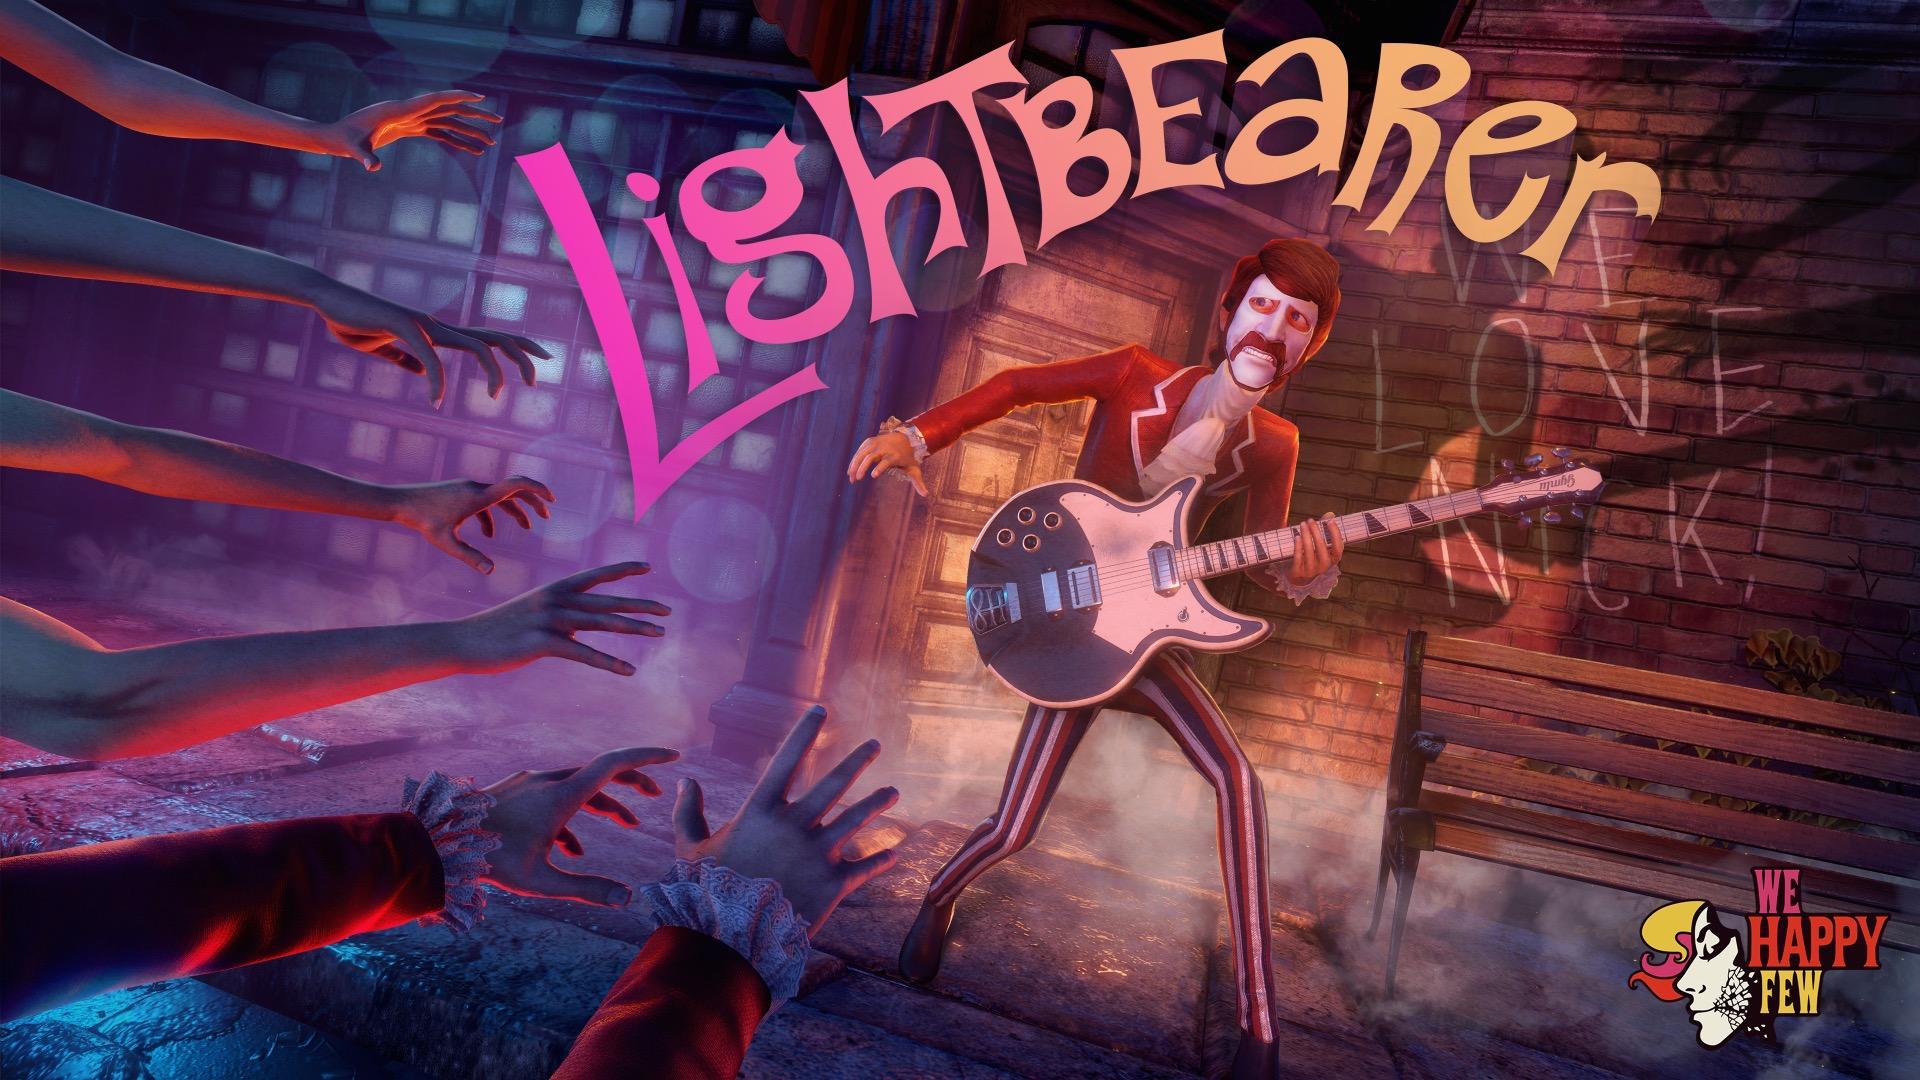 We Happy Few - Lightbearer Free Download